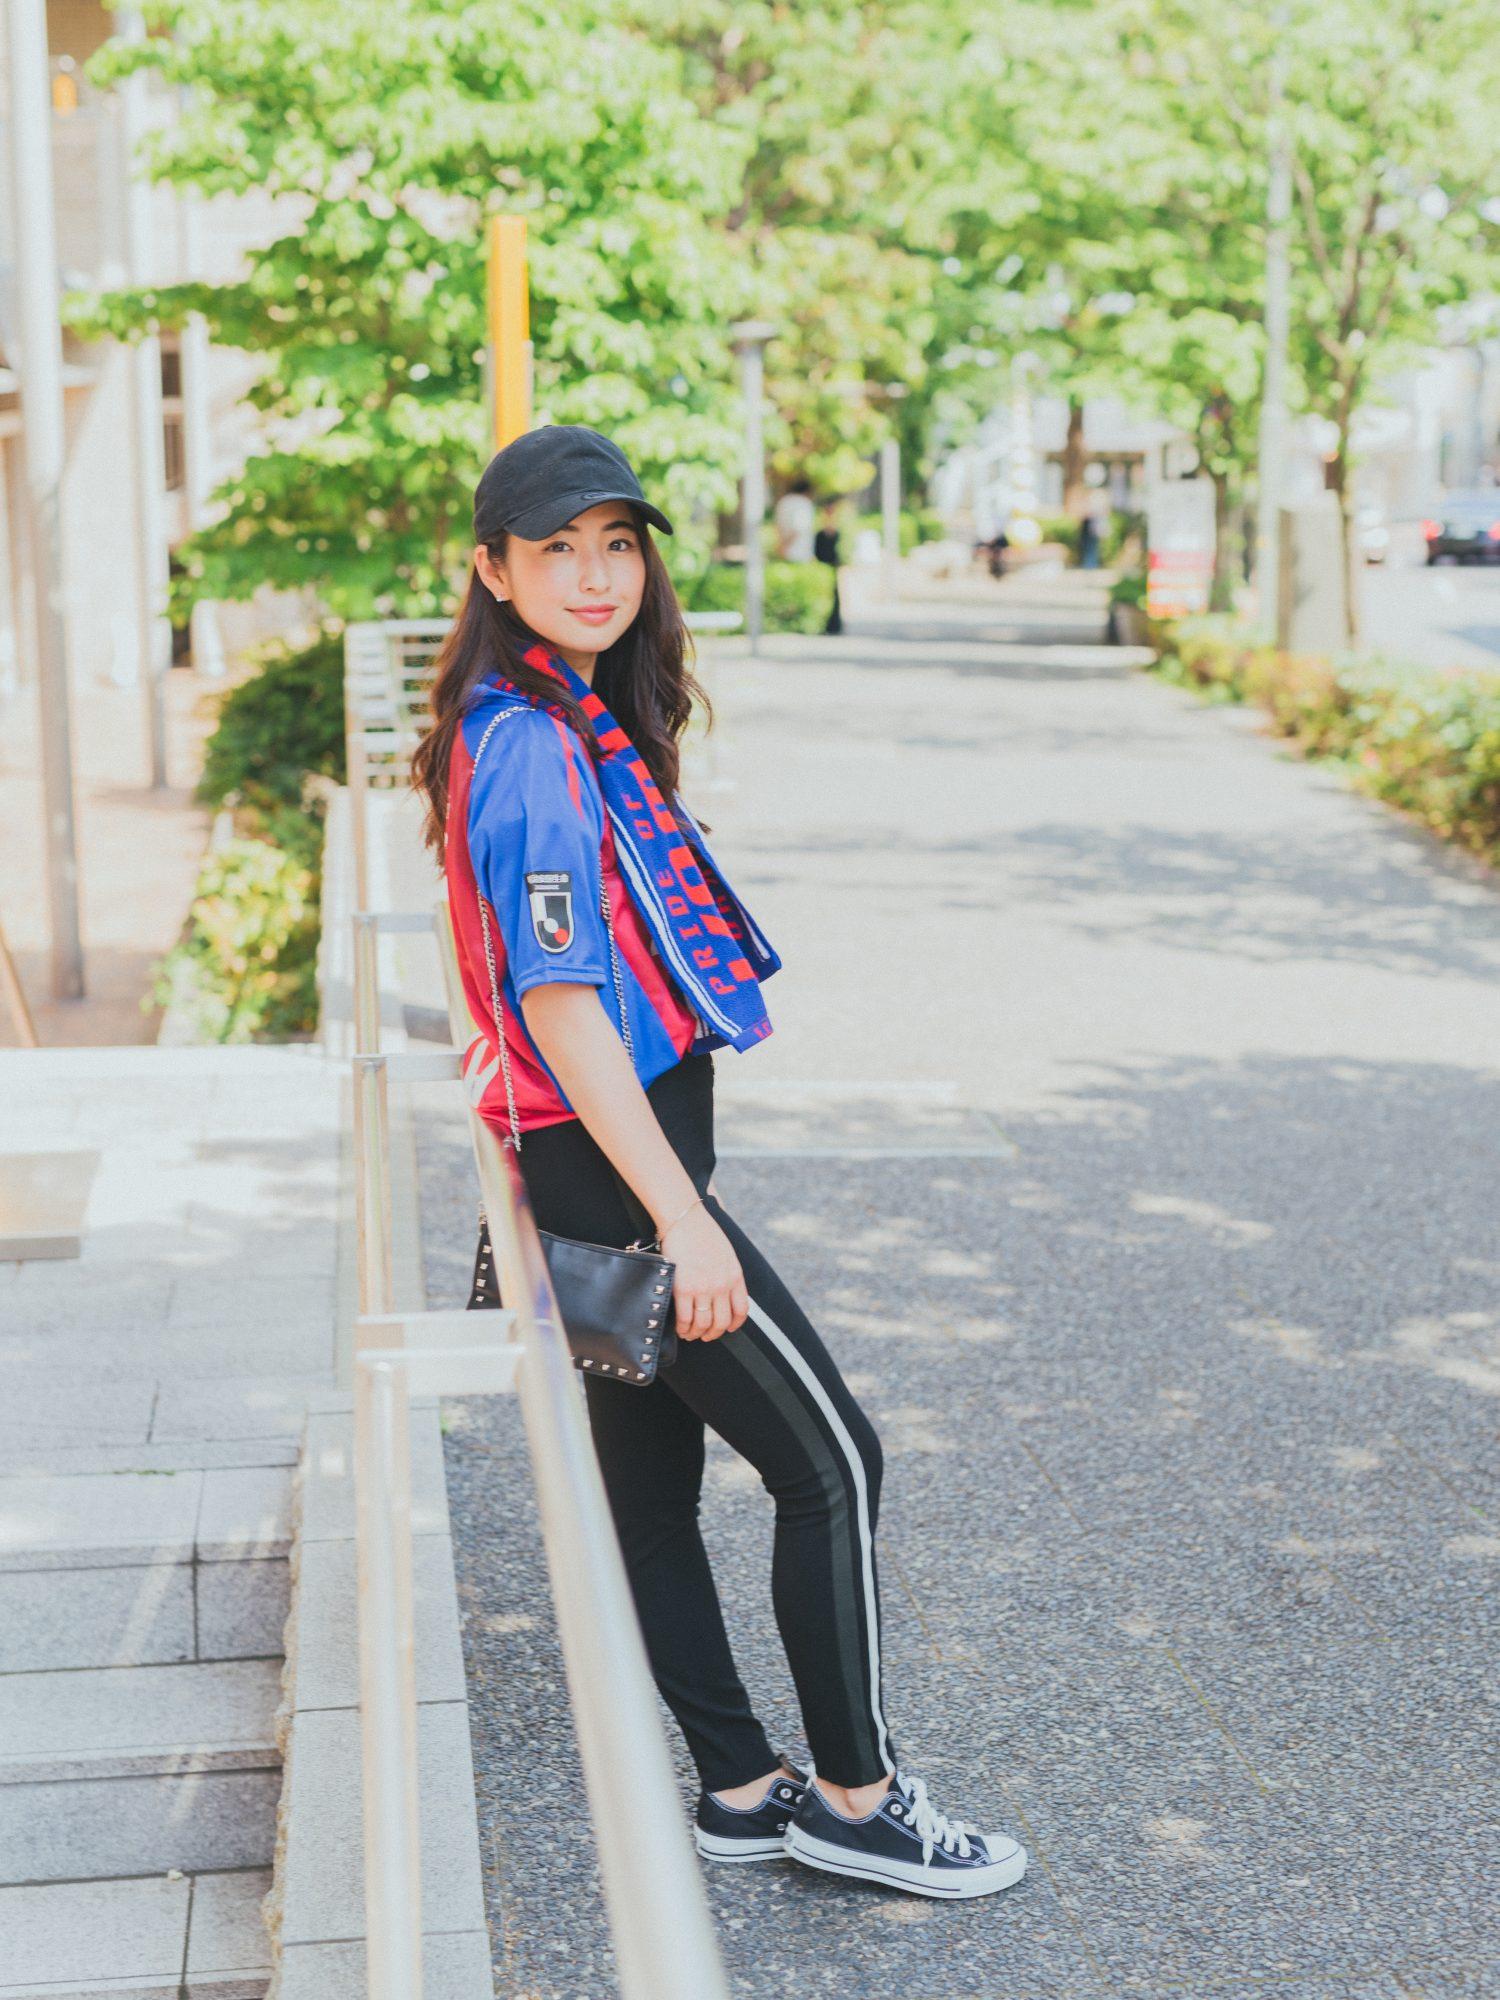 サッカー Jリーグ CanCam サッカー観戦 金J ユニフォーム 観戦コーデ CanCam it girl FC東京